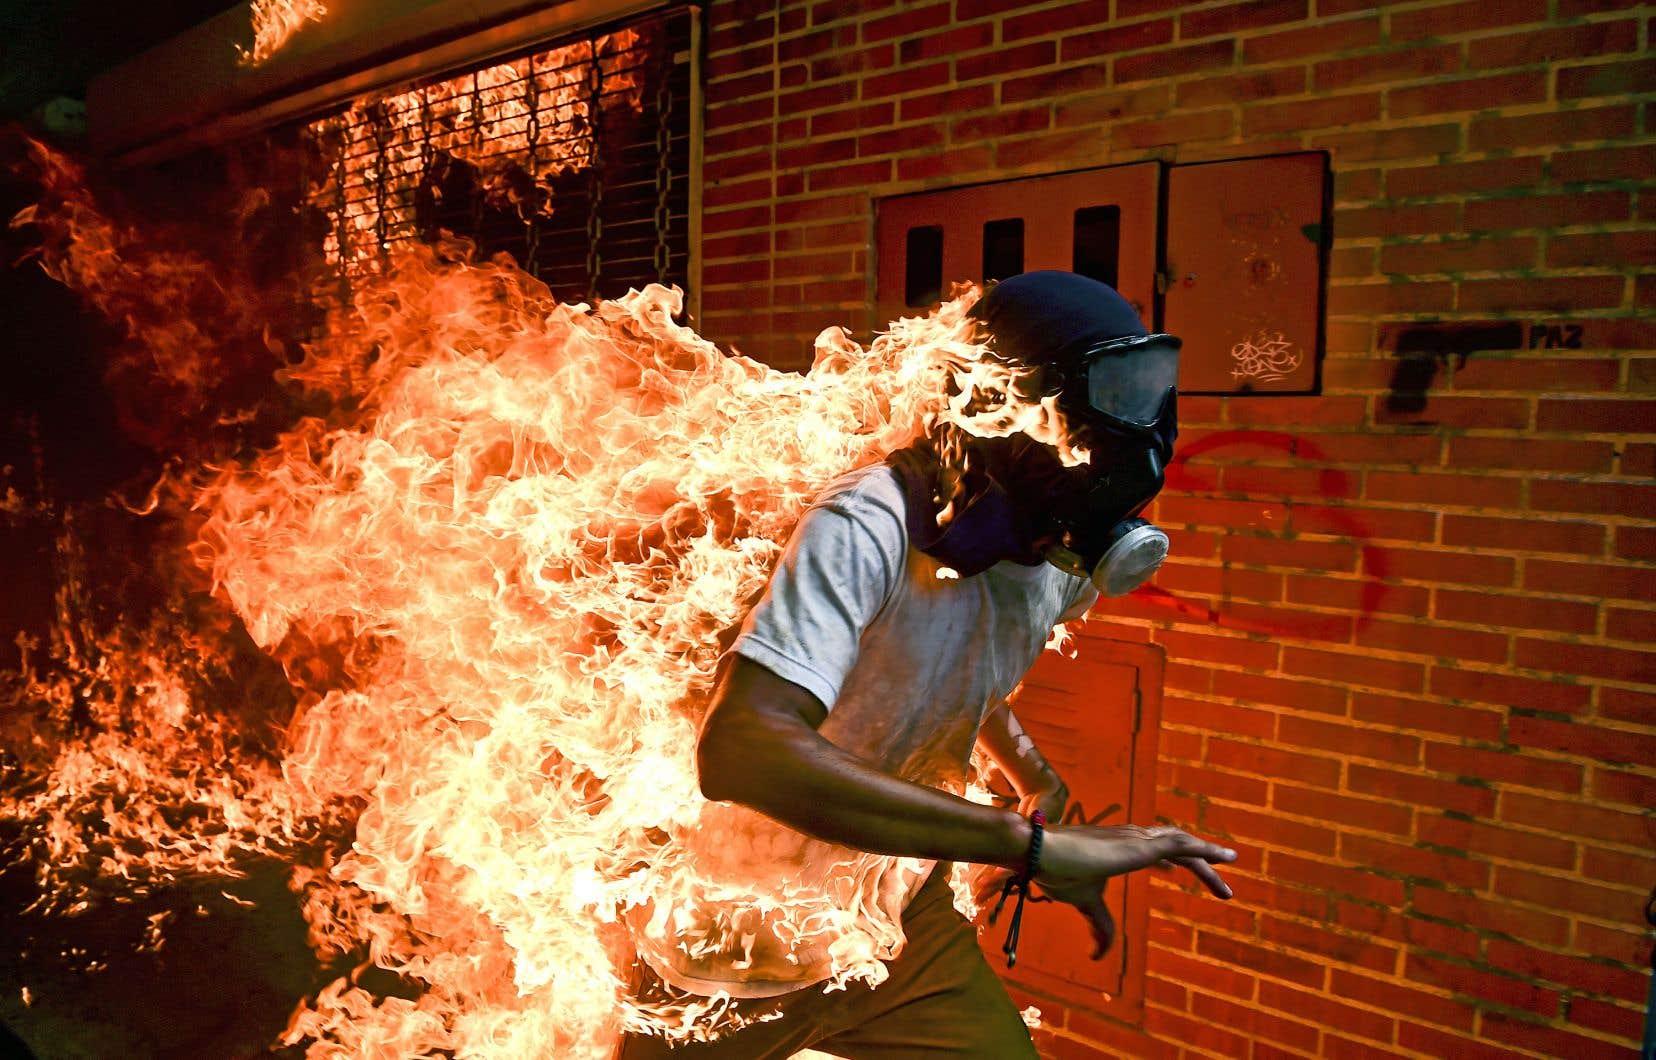 Les flammes lèchent le corps du manifestant vénézuélien José Victor Salazar Balzar, lors d'un rassemblement anti-Maduro à Caracas.